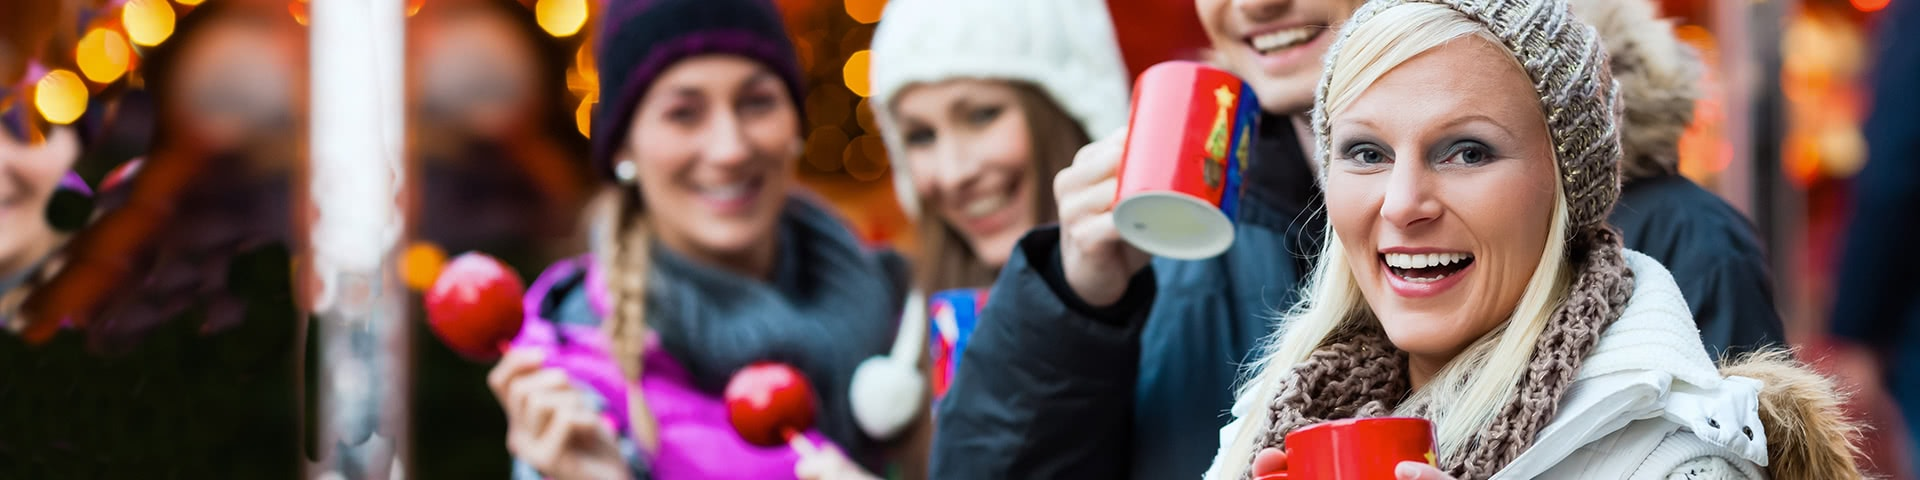 Gut gelaunte Gruppe auf einem Weihnachtsmarkt